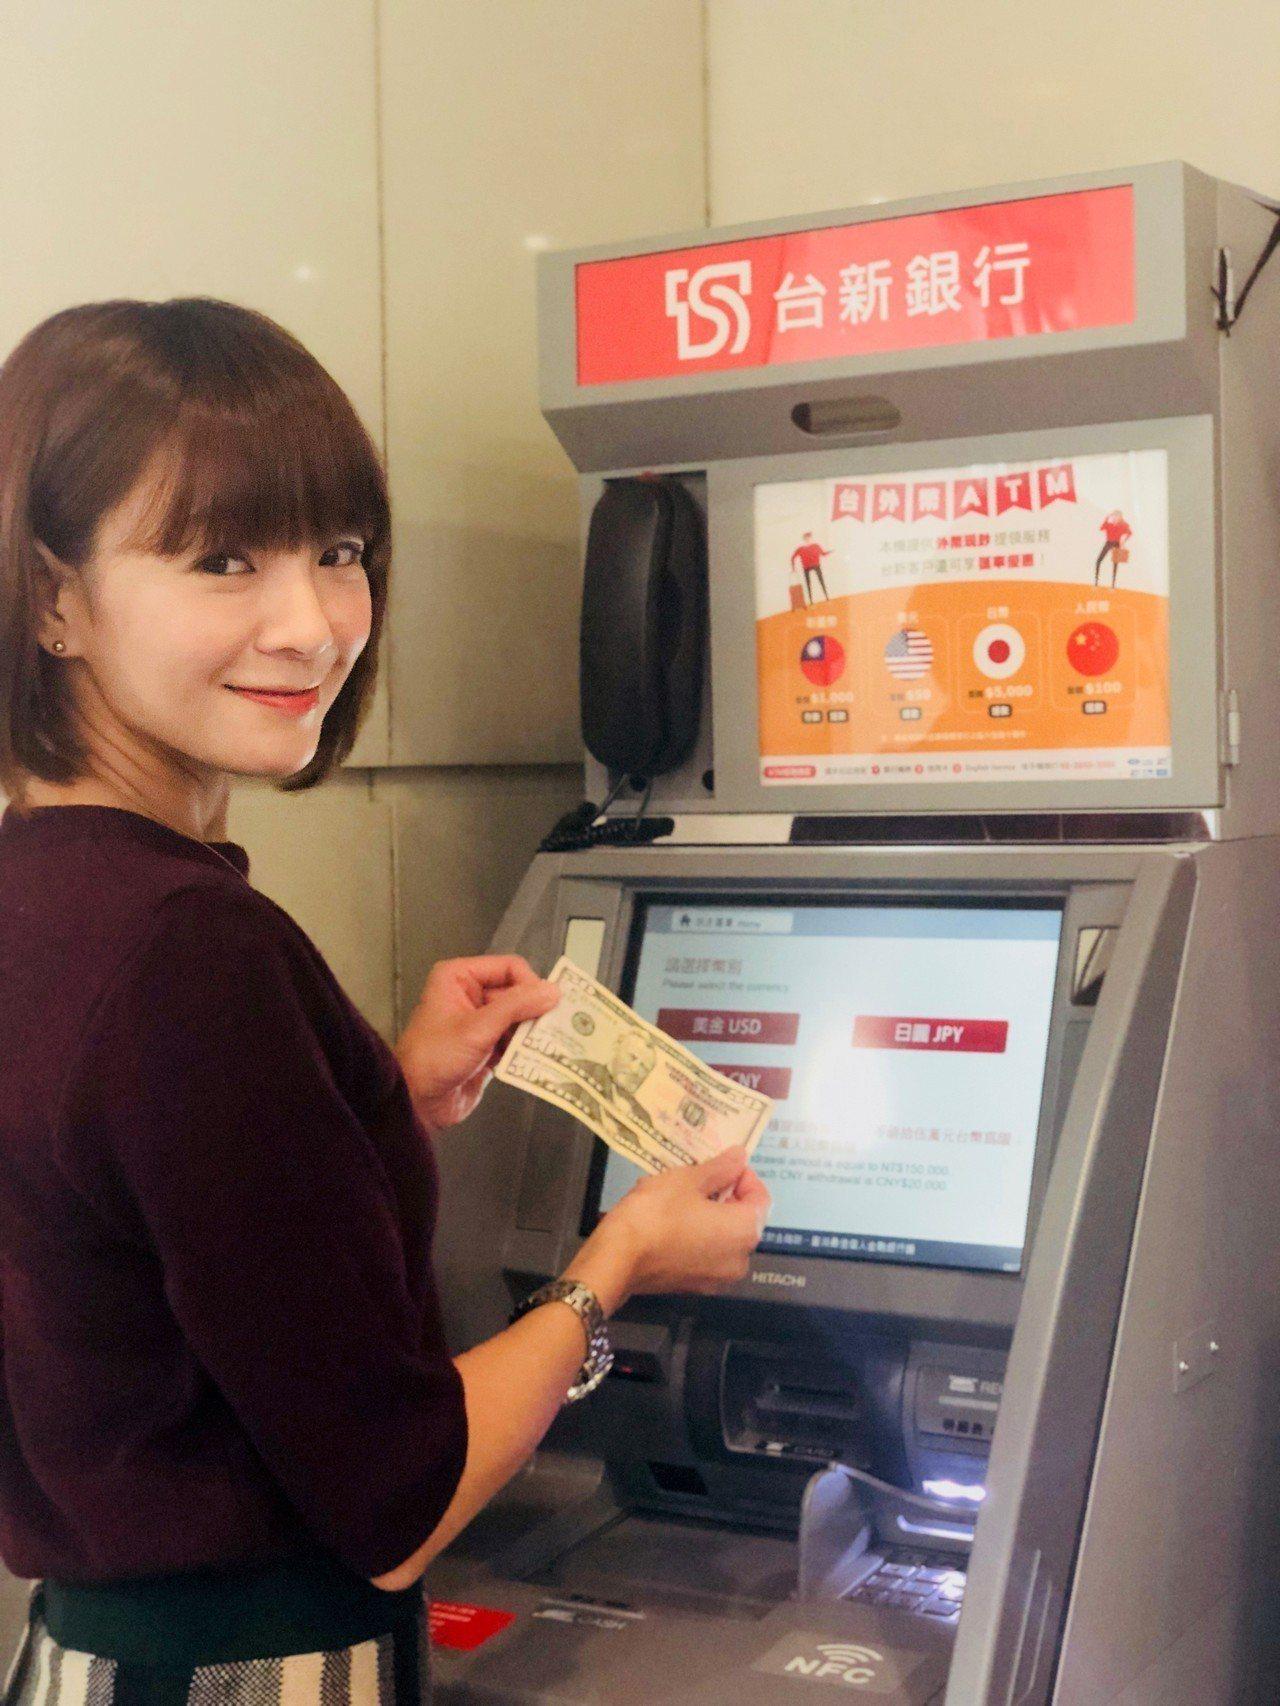 台新銀行增設「外幣ATM」,讓旅行更便利。圖/台新銀行提供